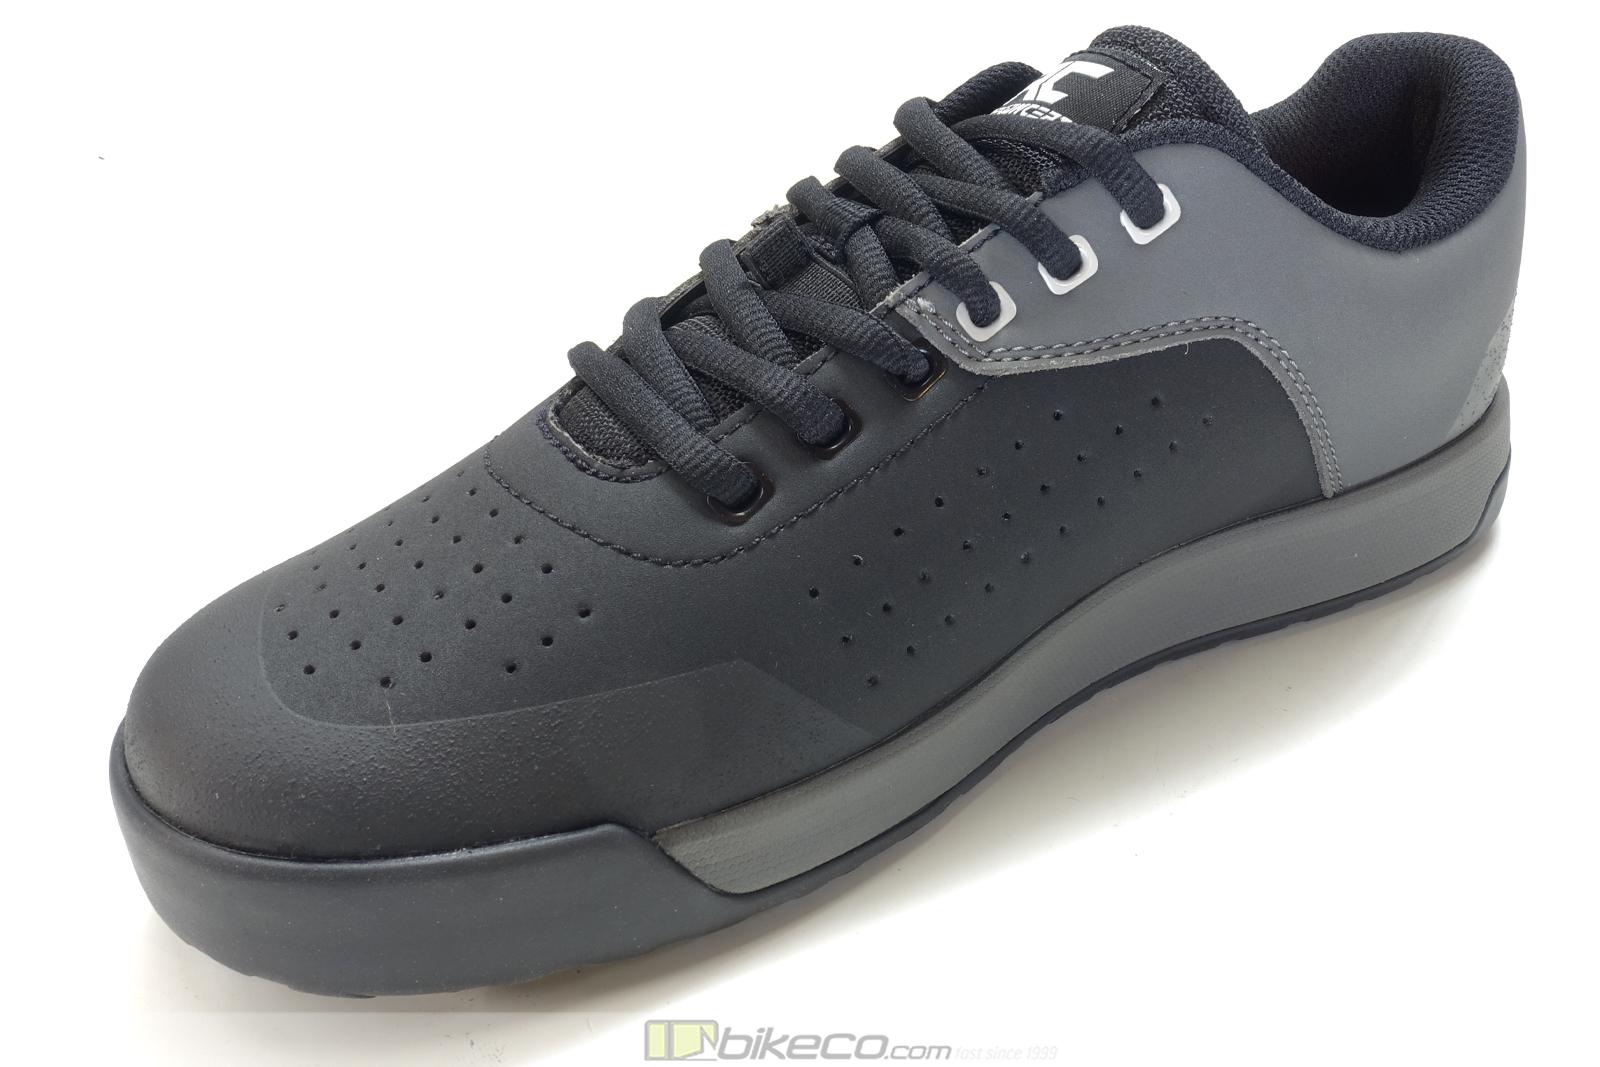 MTB Shoes Ride Concepts Hellion Elite